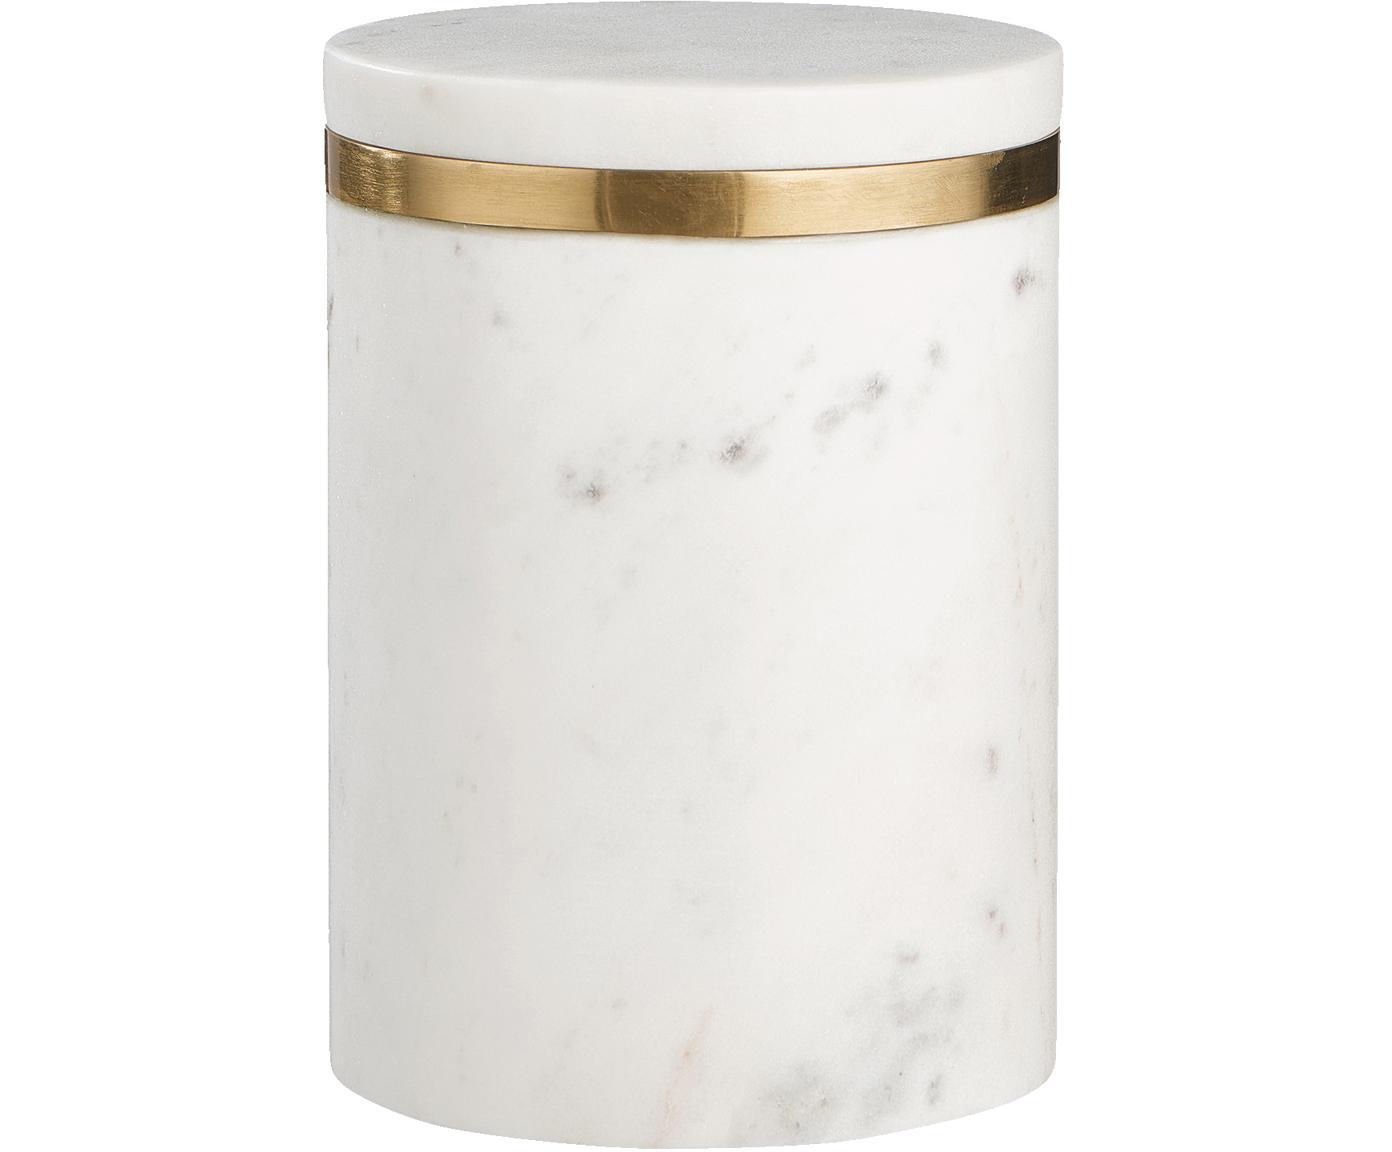 Bote de mármol Maniu, Mármol, Blanco, Ø 12 x Al 16 cm